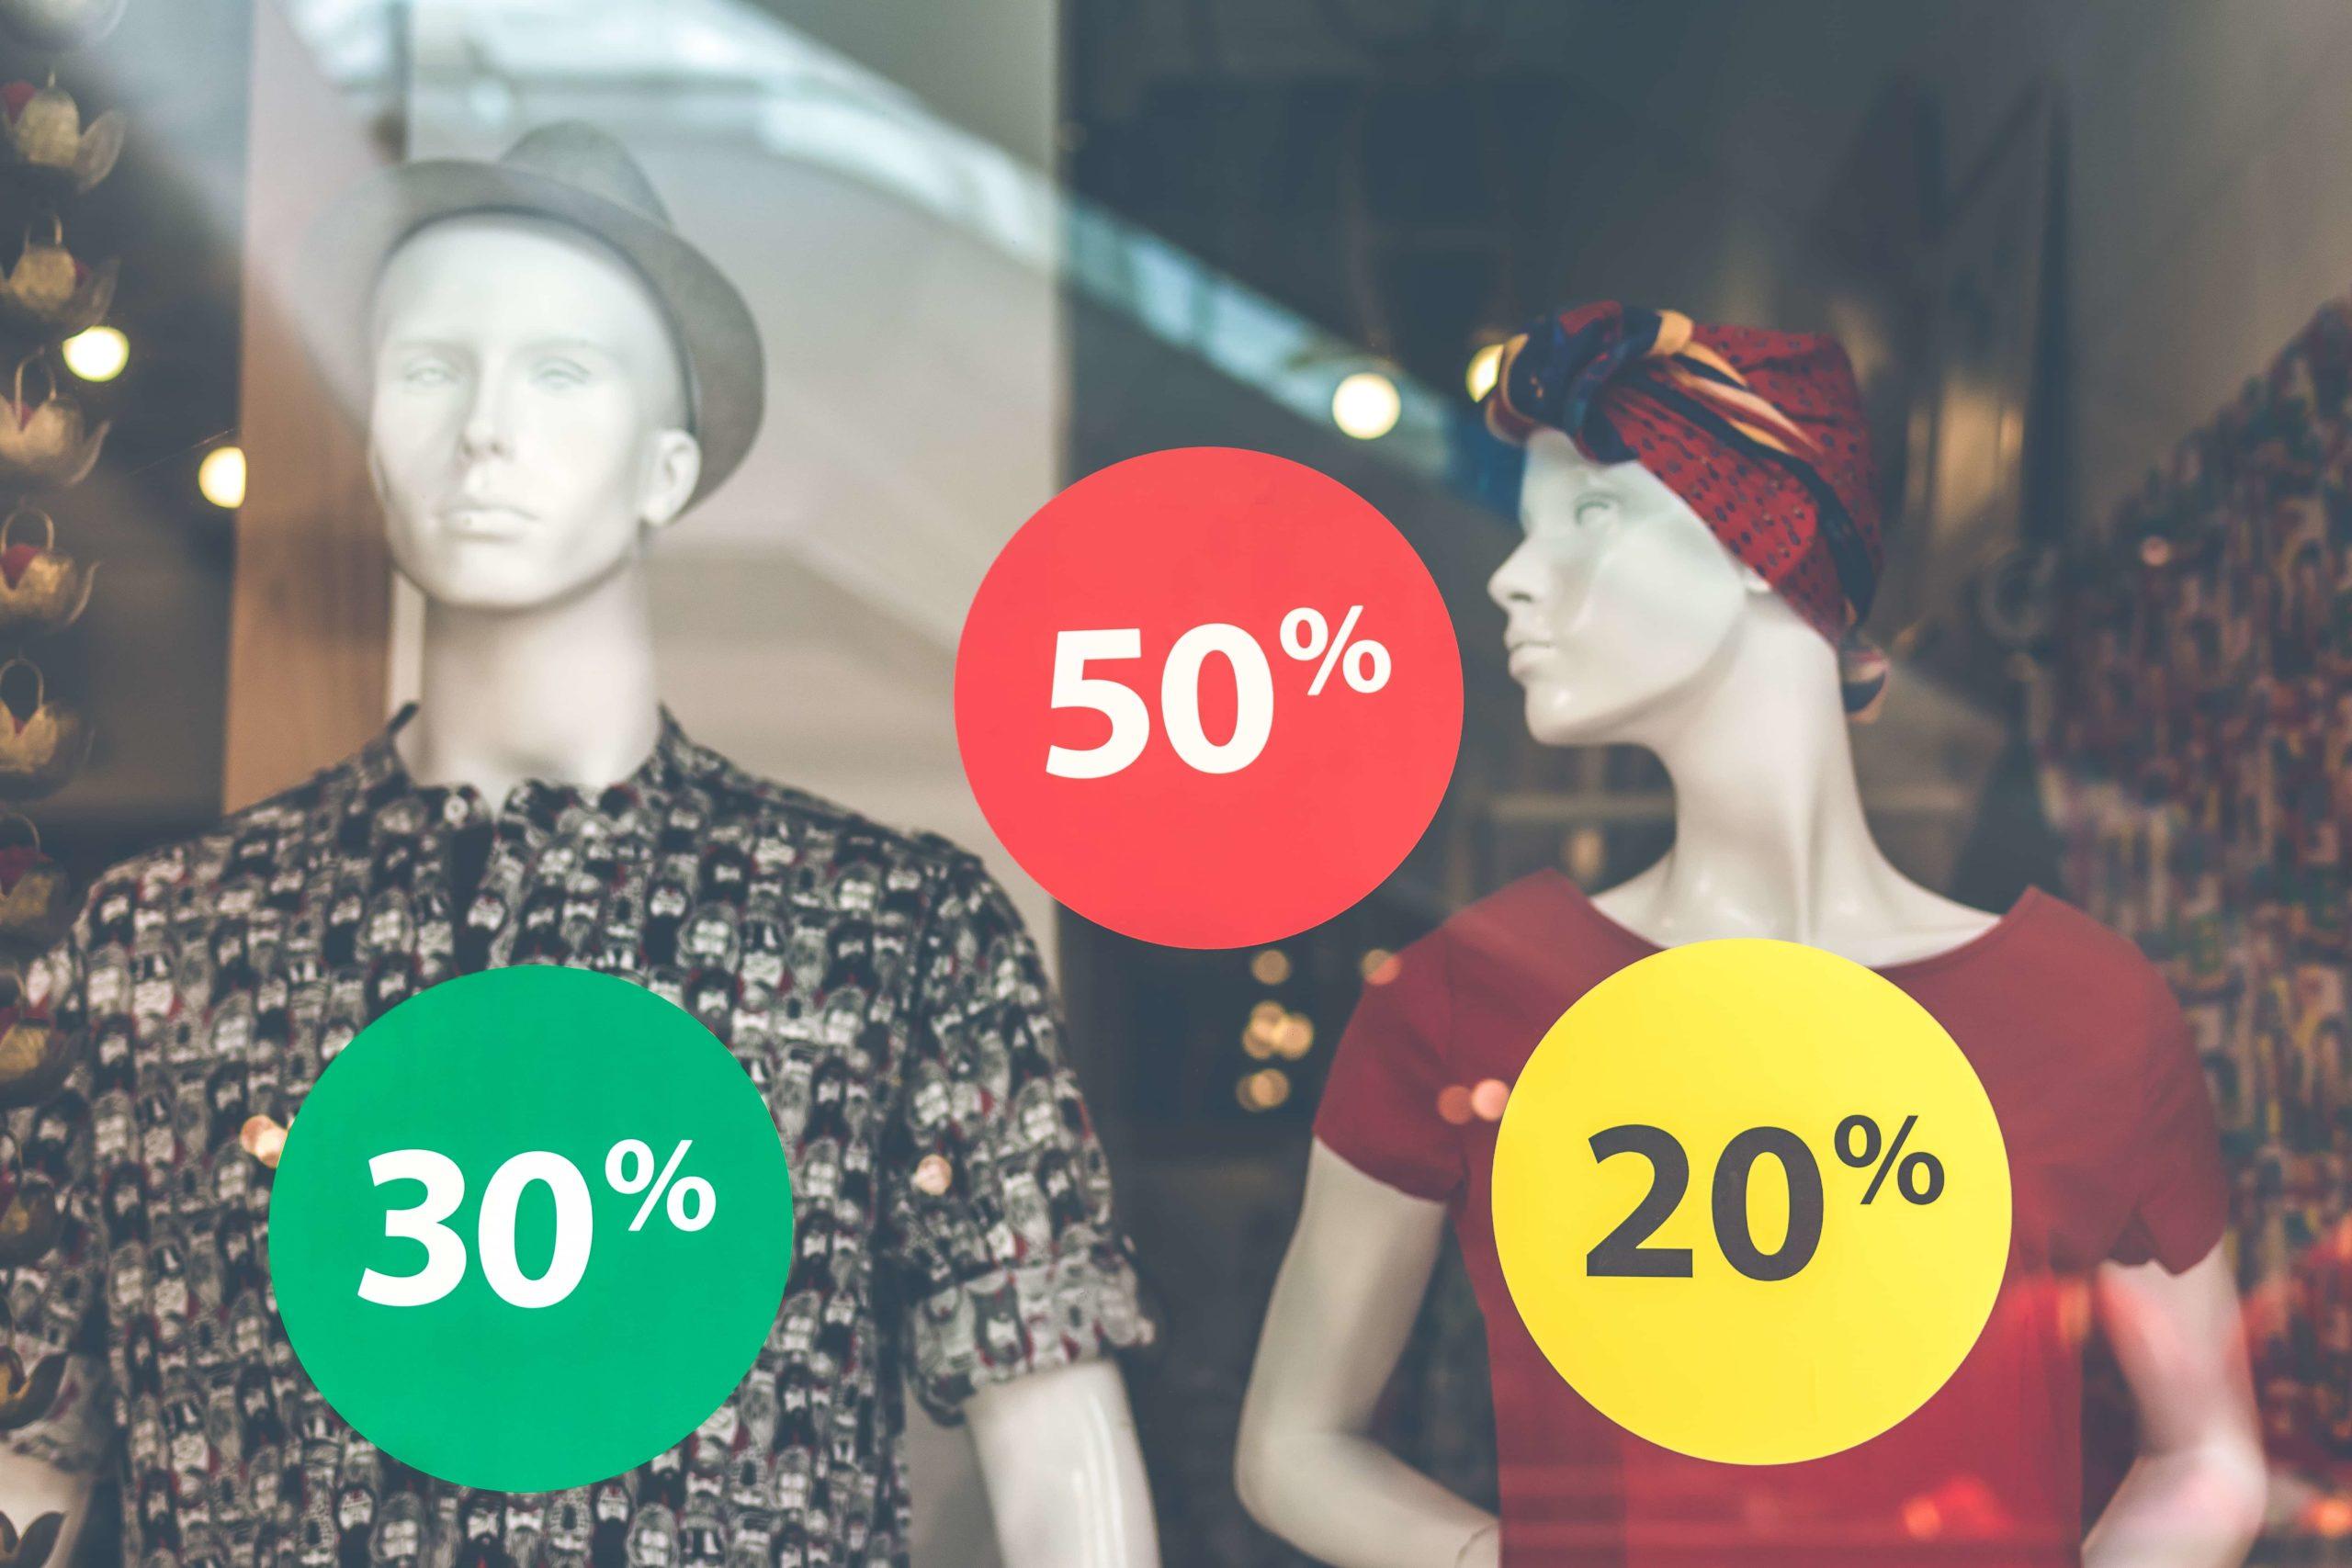 メルカリ mercari フリアマプリ 洋服 ファッション スマホ 服 売るコツ 値引き 交渉 返事 例文 値引き 価格 セール sale